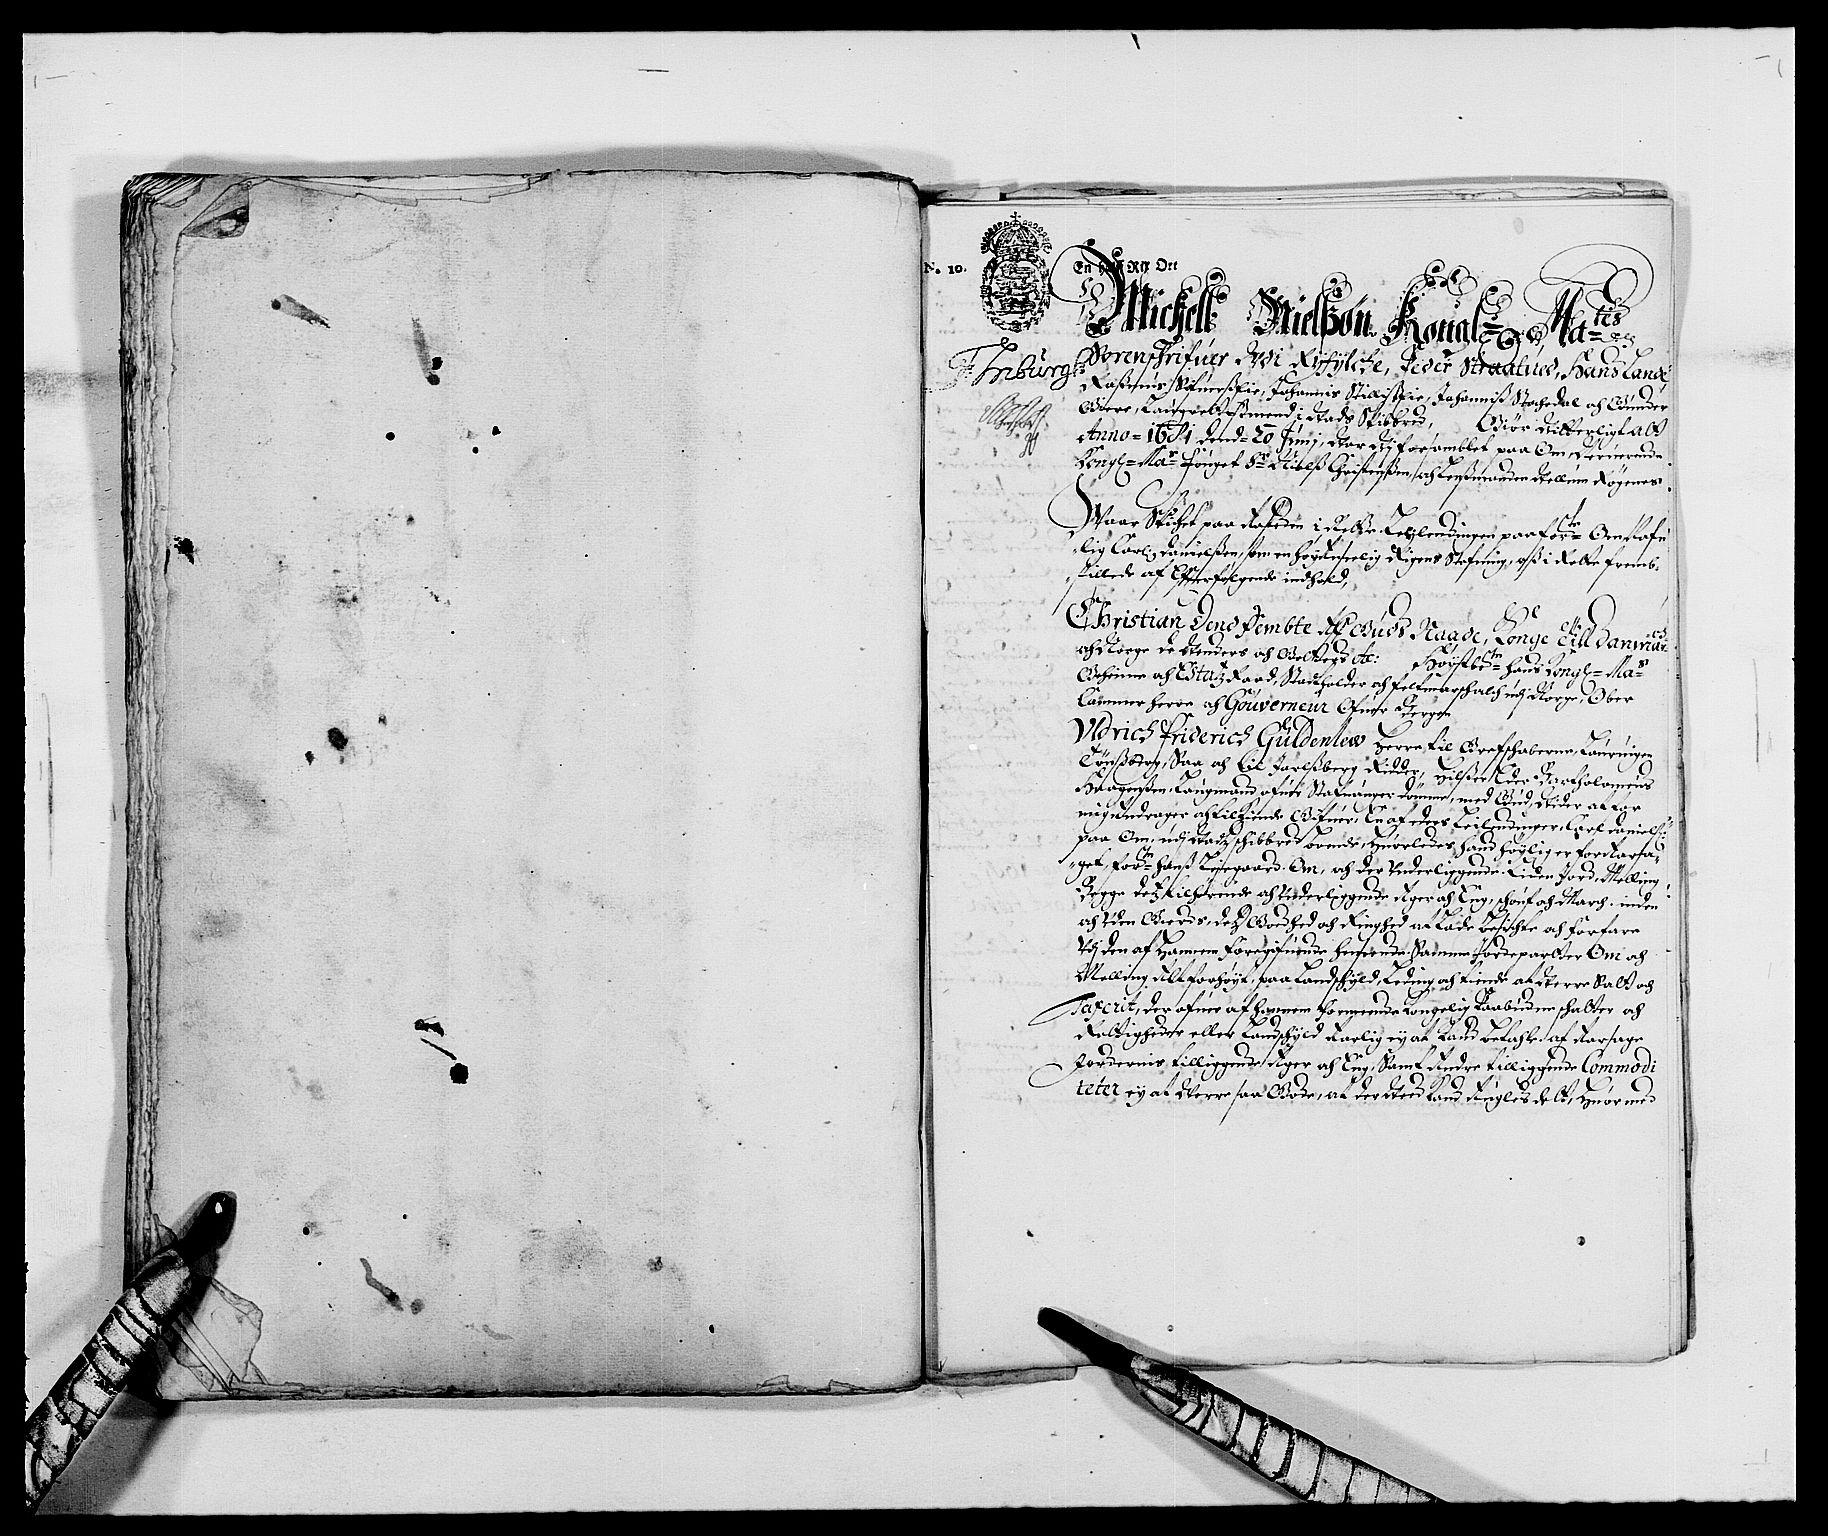 RA, Rentekammeret inntil 1814, Reviderte regnskaper, Fogderegnskap, R47/L2852: Fogderegnskap Ryfylke, 1681, s. 183